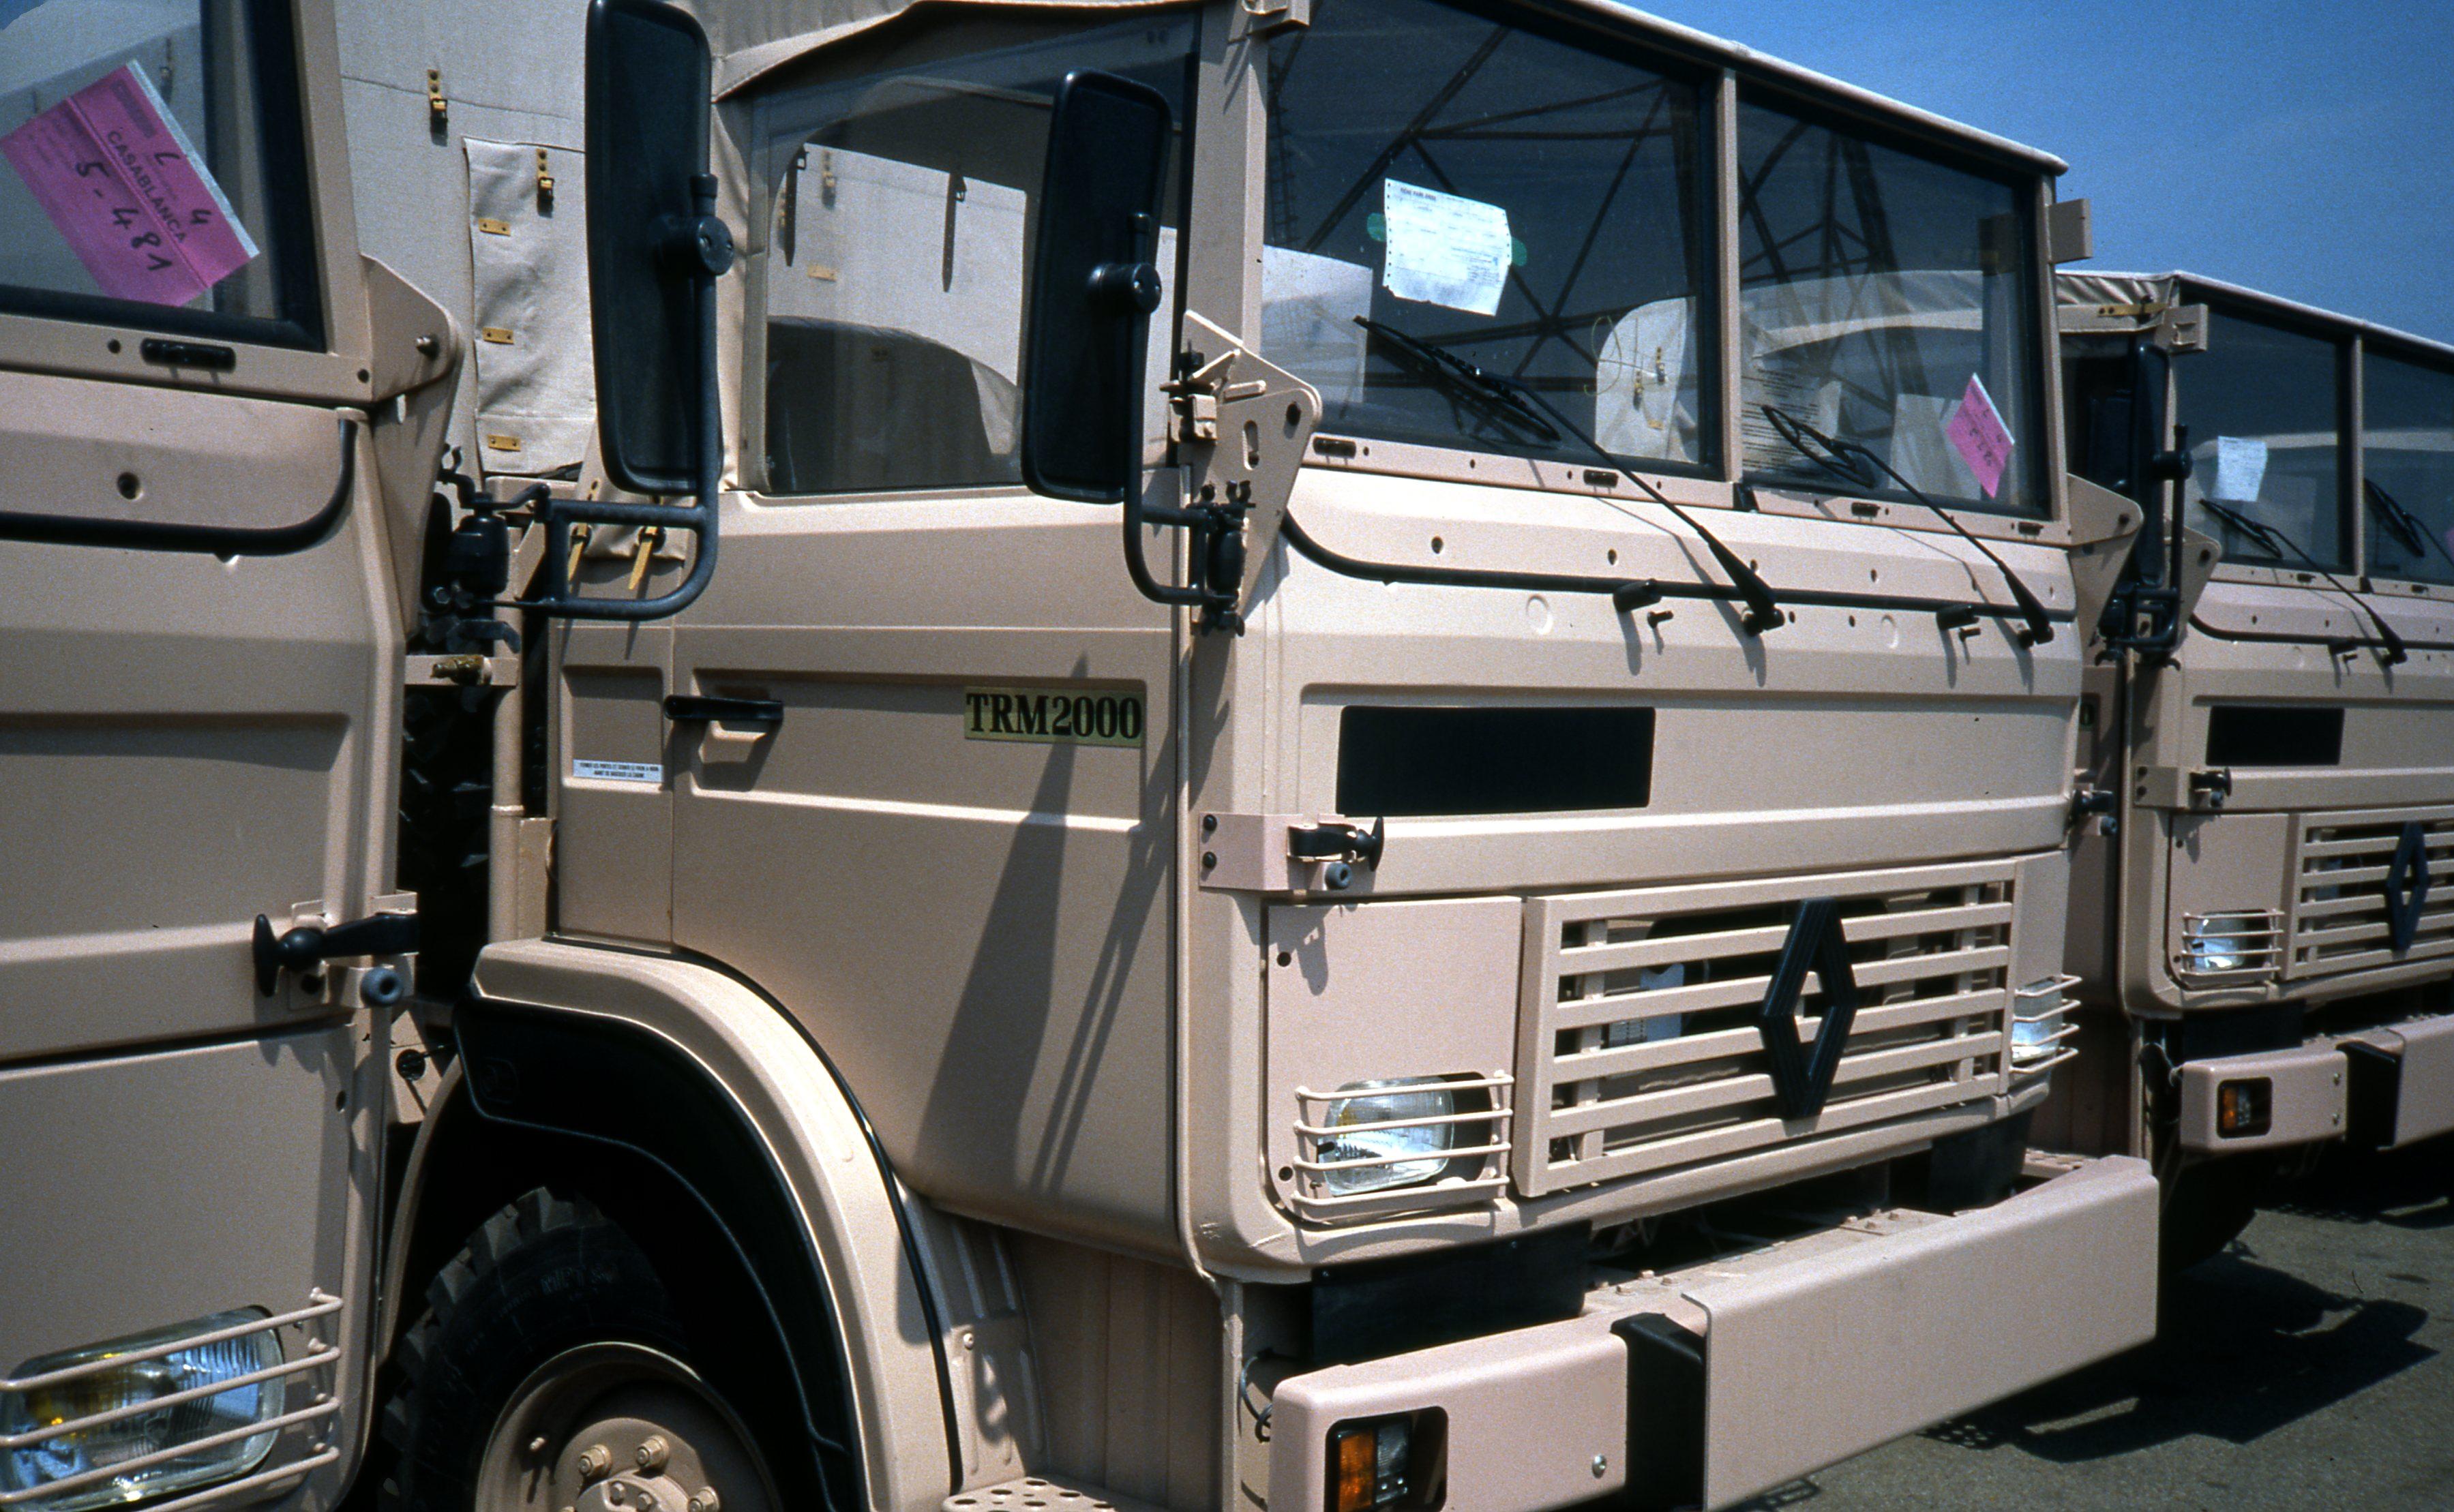 Photos - Logistique et Camions / Logistics and Trucks - Page 6 34069696664_40c982d211_o